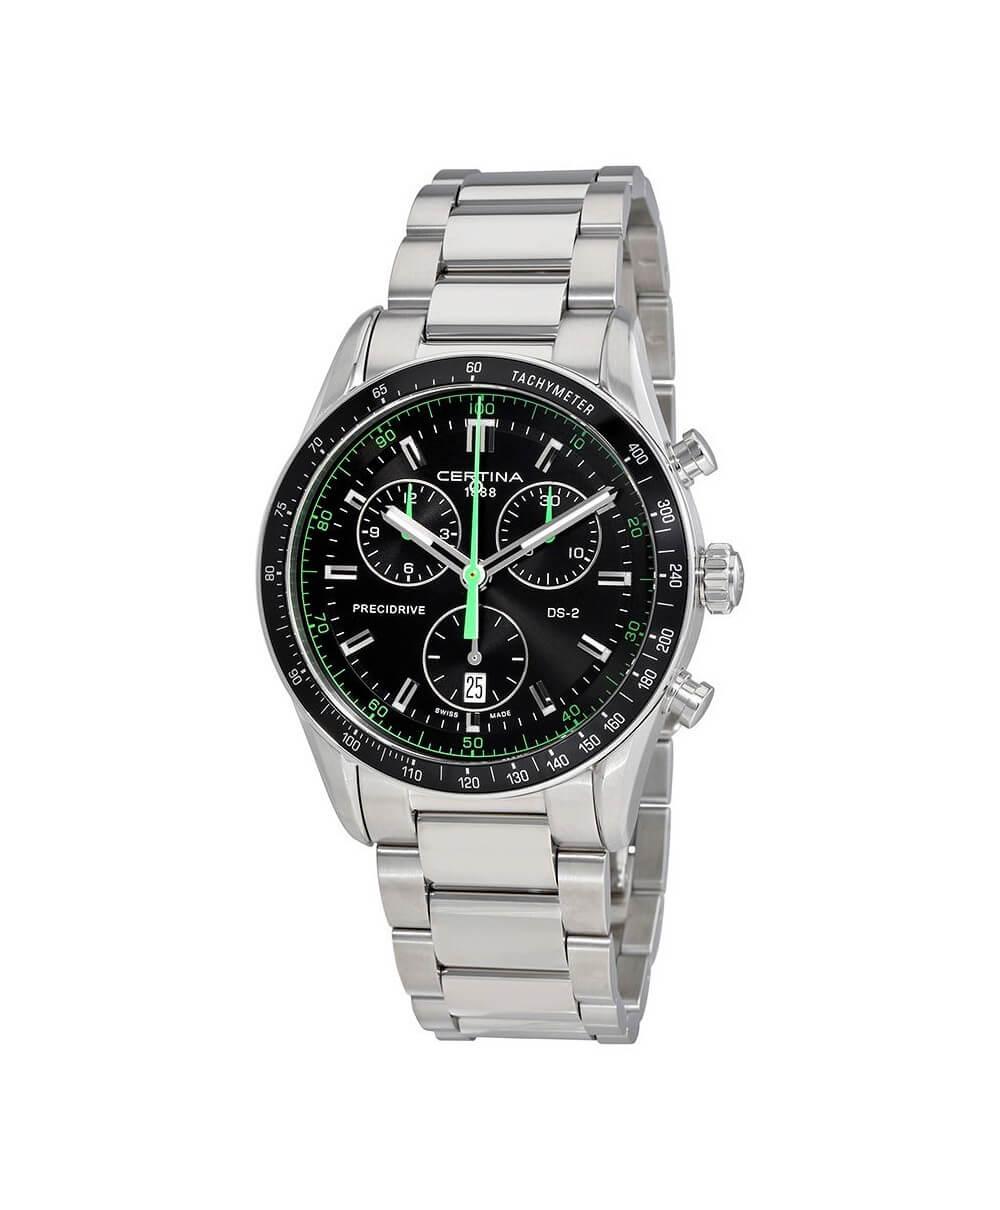 Reloj Certina Ds-2 Chronograph 1/100 Sec